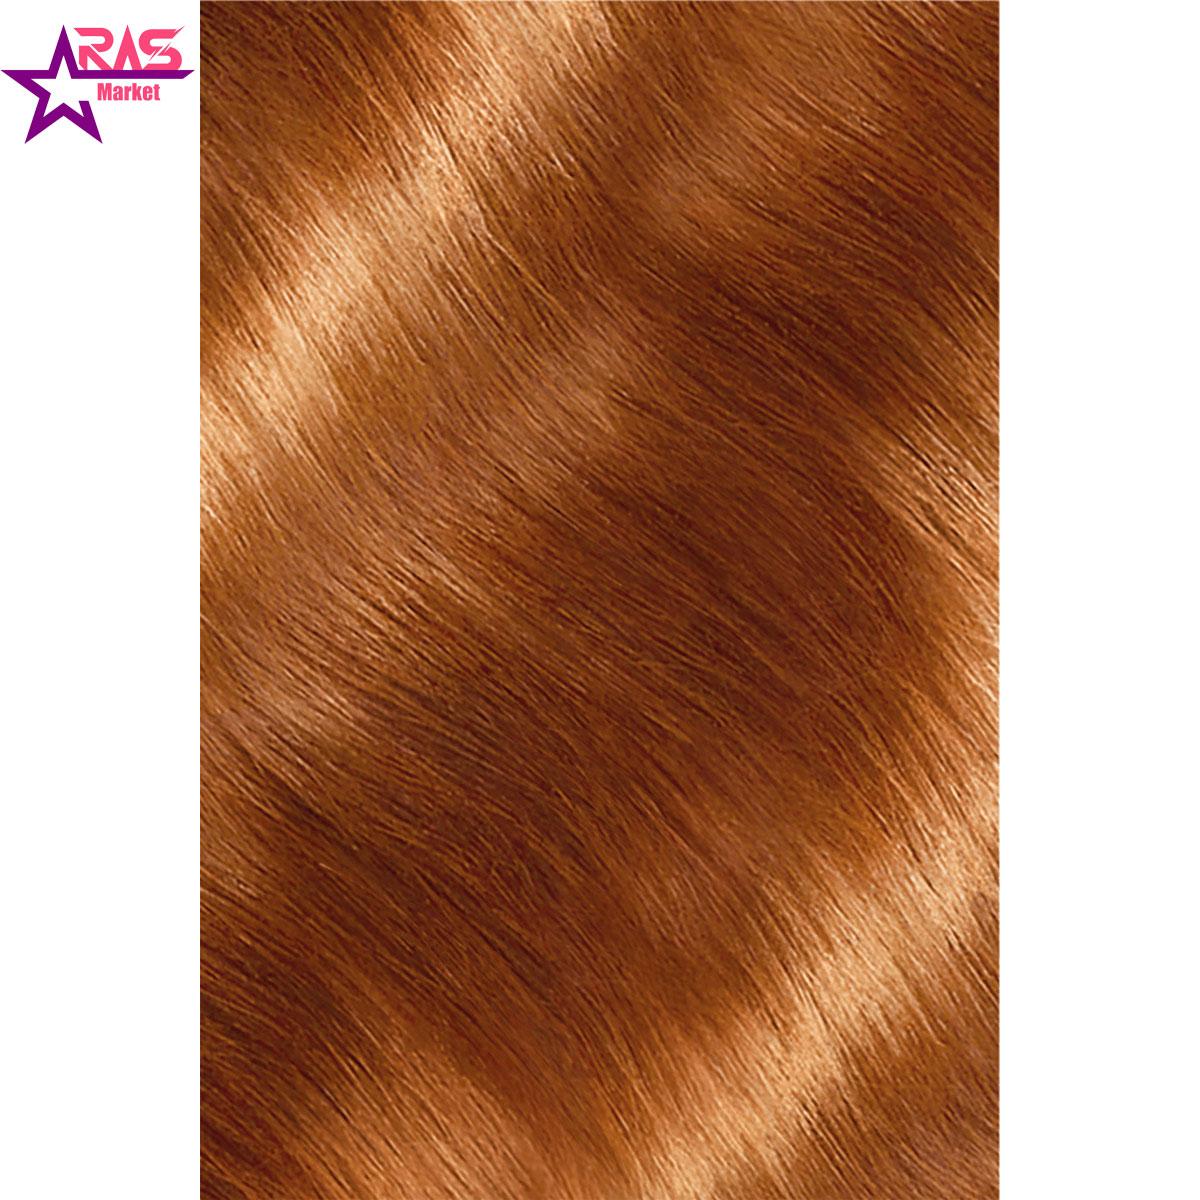 کیت رنگ مو لورآل سری Excellence شماره 7.43 ، فروشگاه اینترنتی ارس مارکت ، بهداشت بانوان ، رنگ موی بانوان